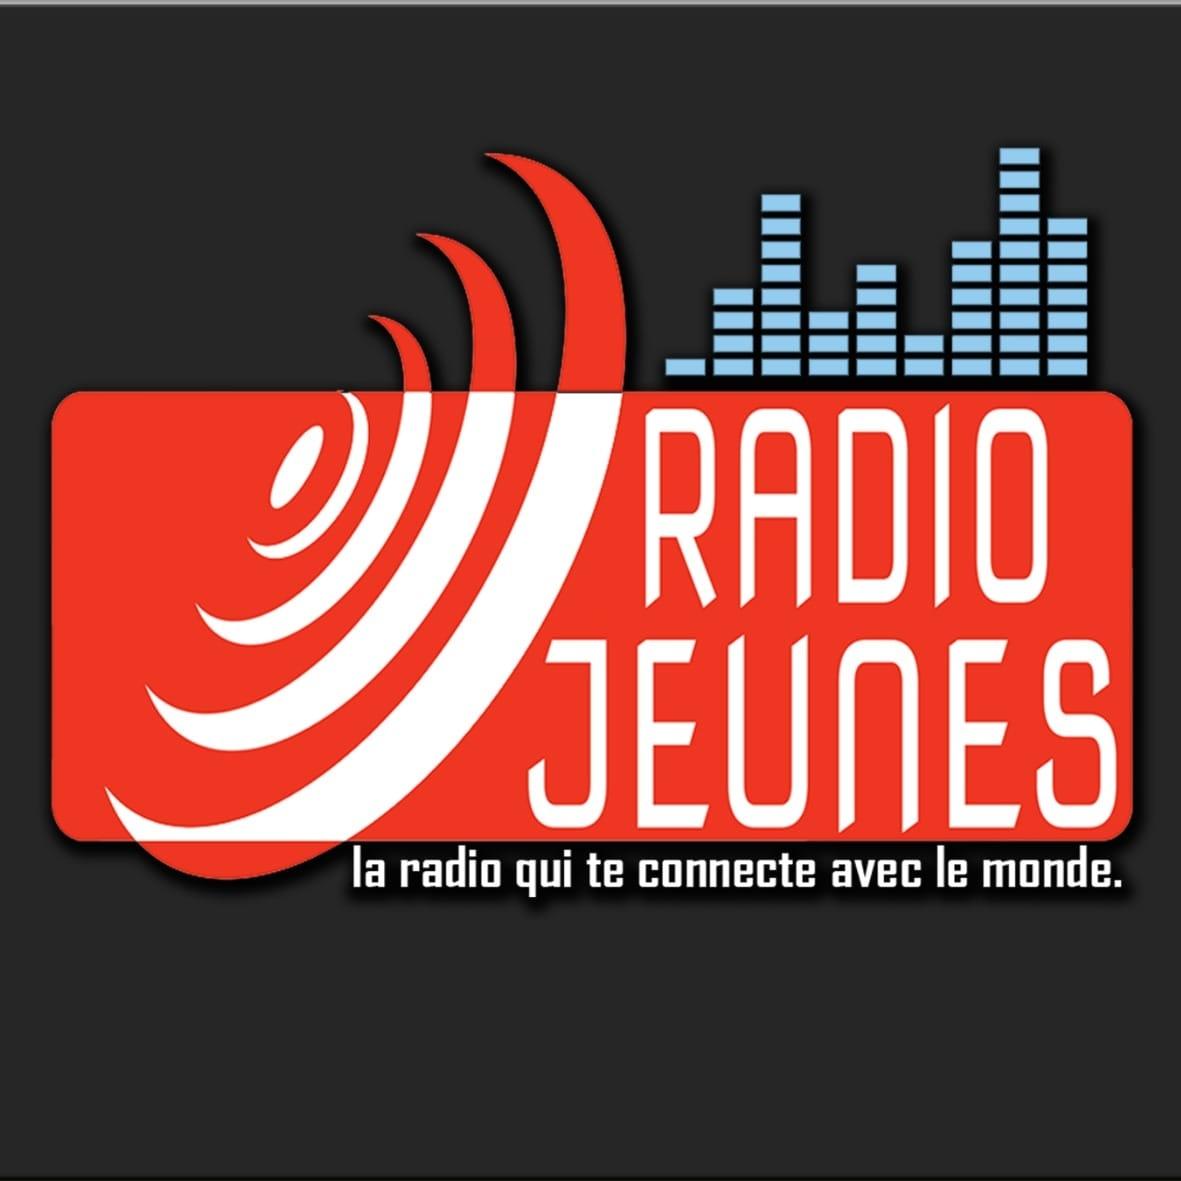 RADIO JEUNES MA